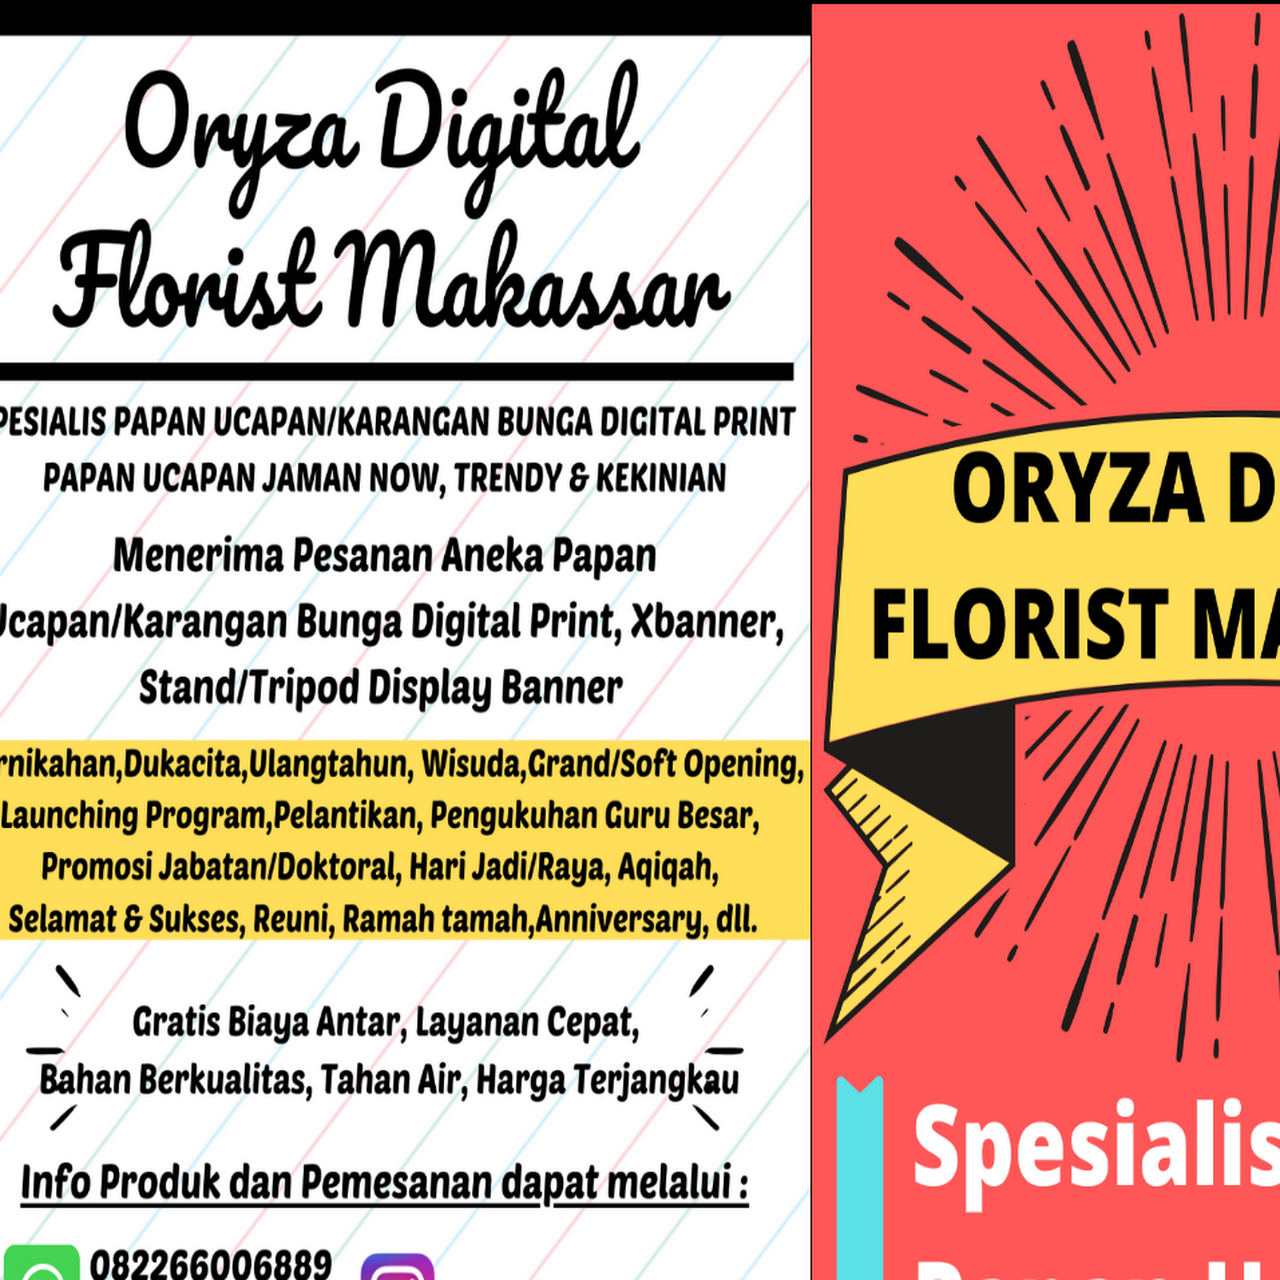 Oryza Digital Florist Makassar Toko Bunga